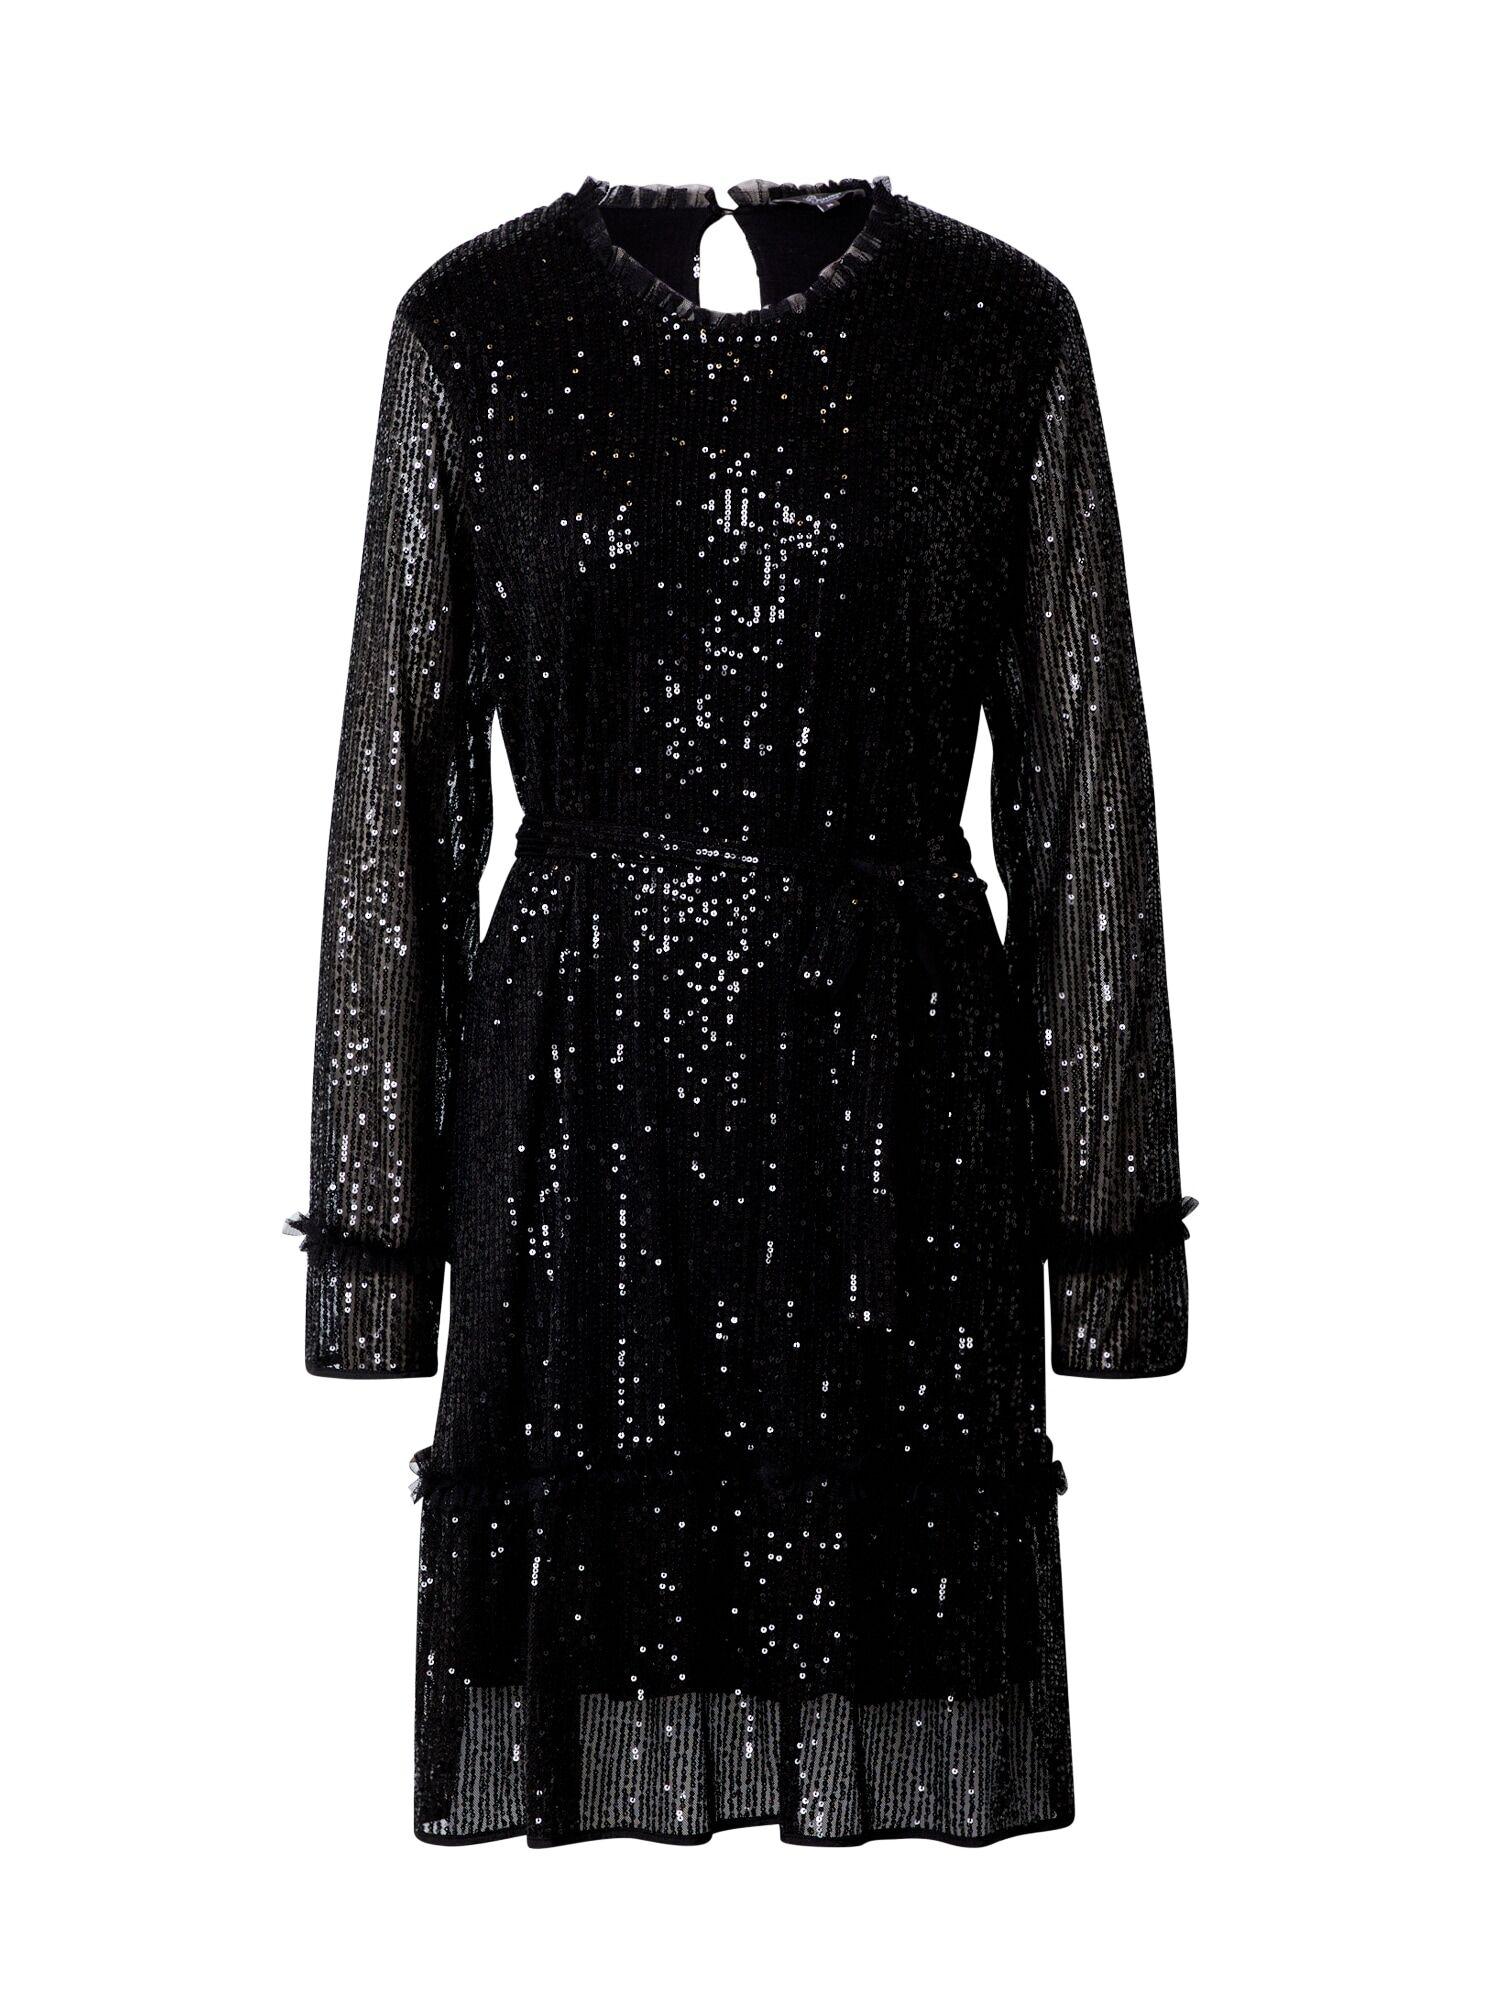 Princess Robe de cocktail 'Luxury'  - Noir - Taille: 34 - female